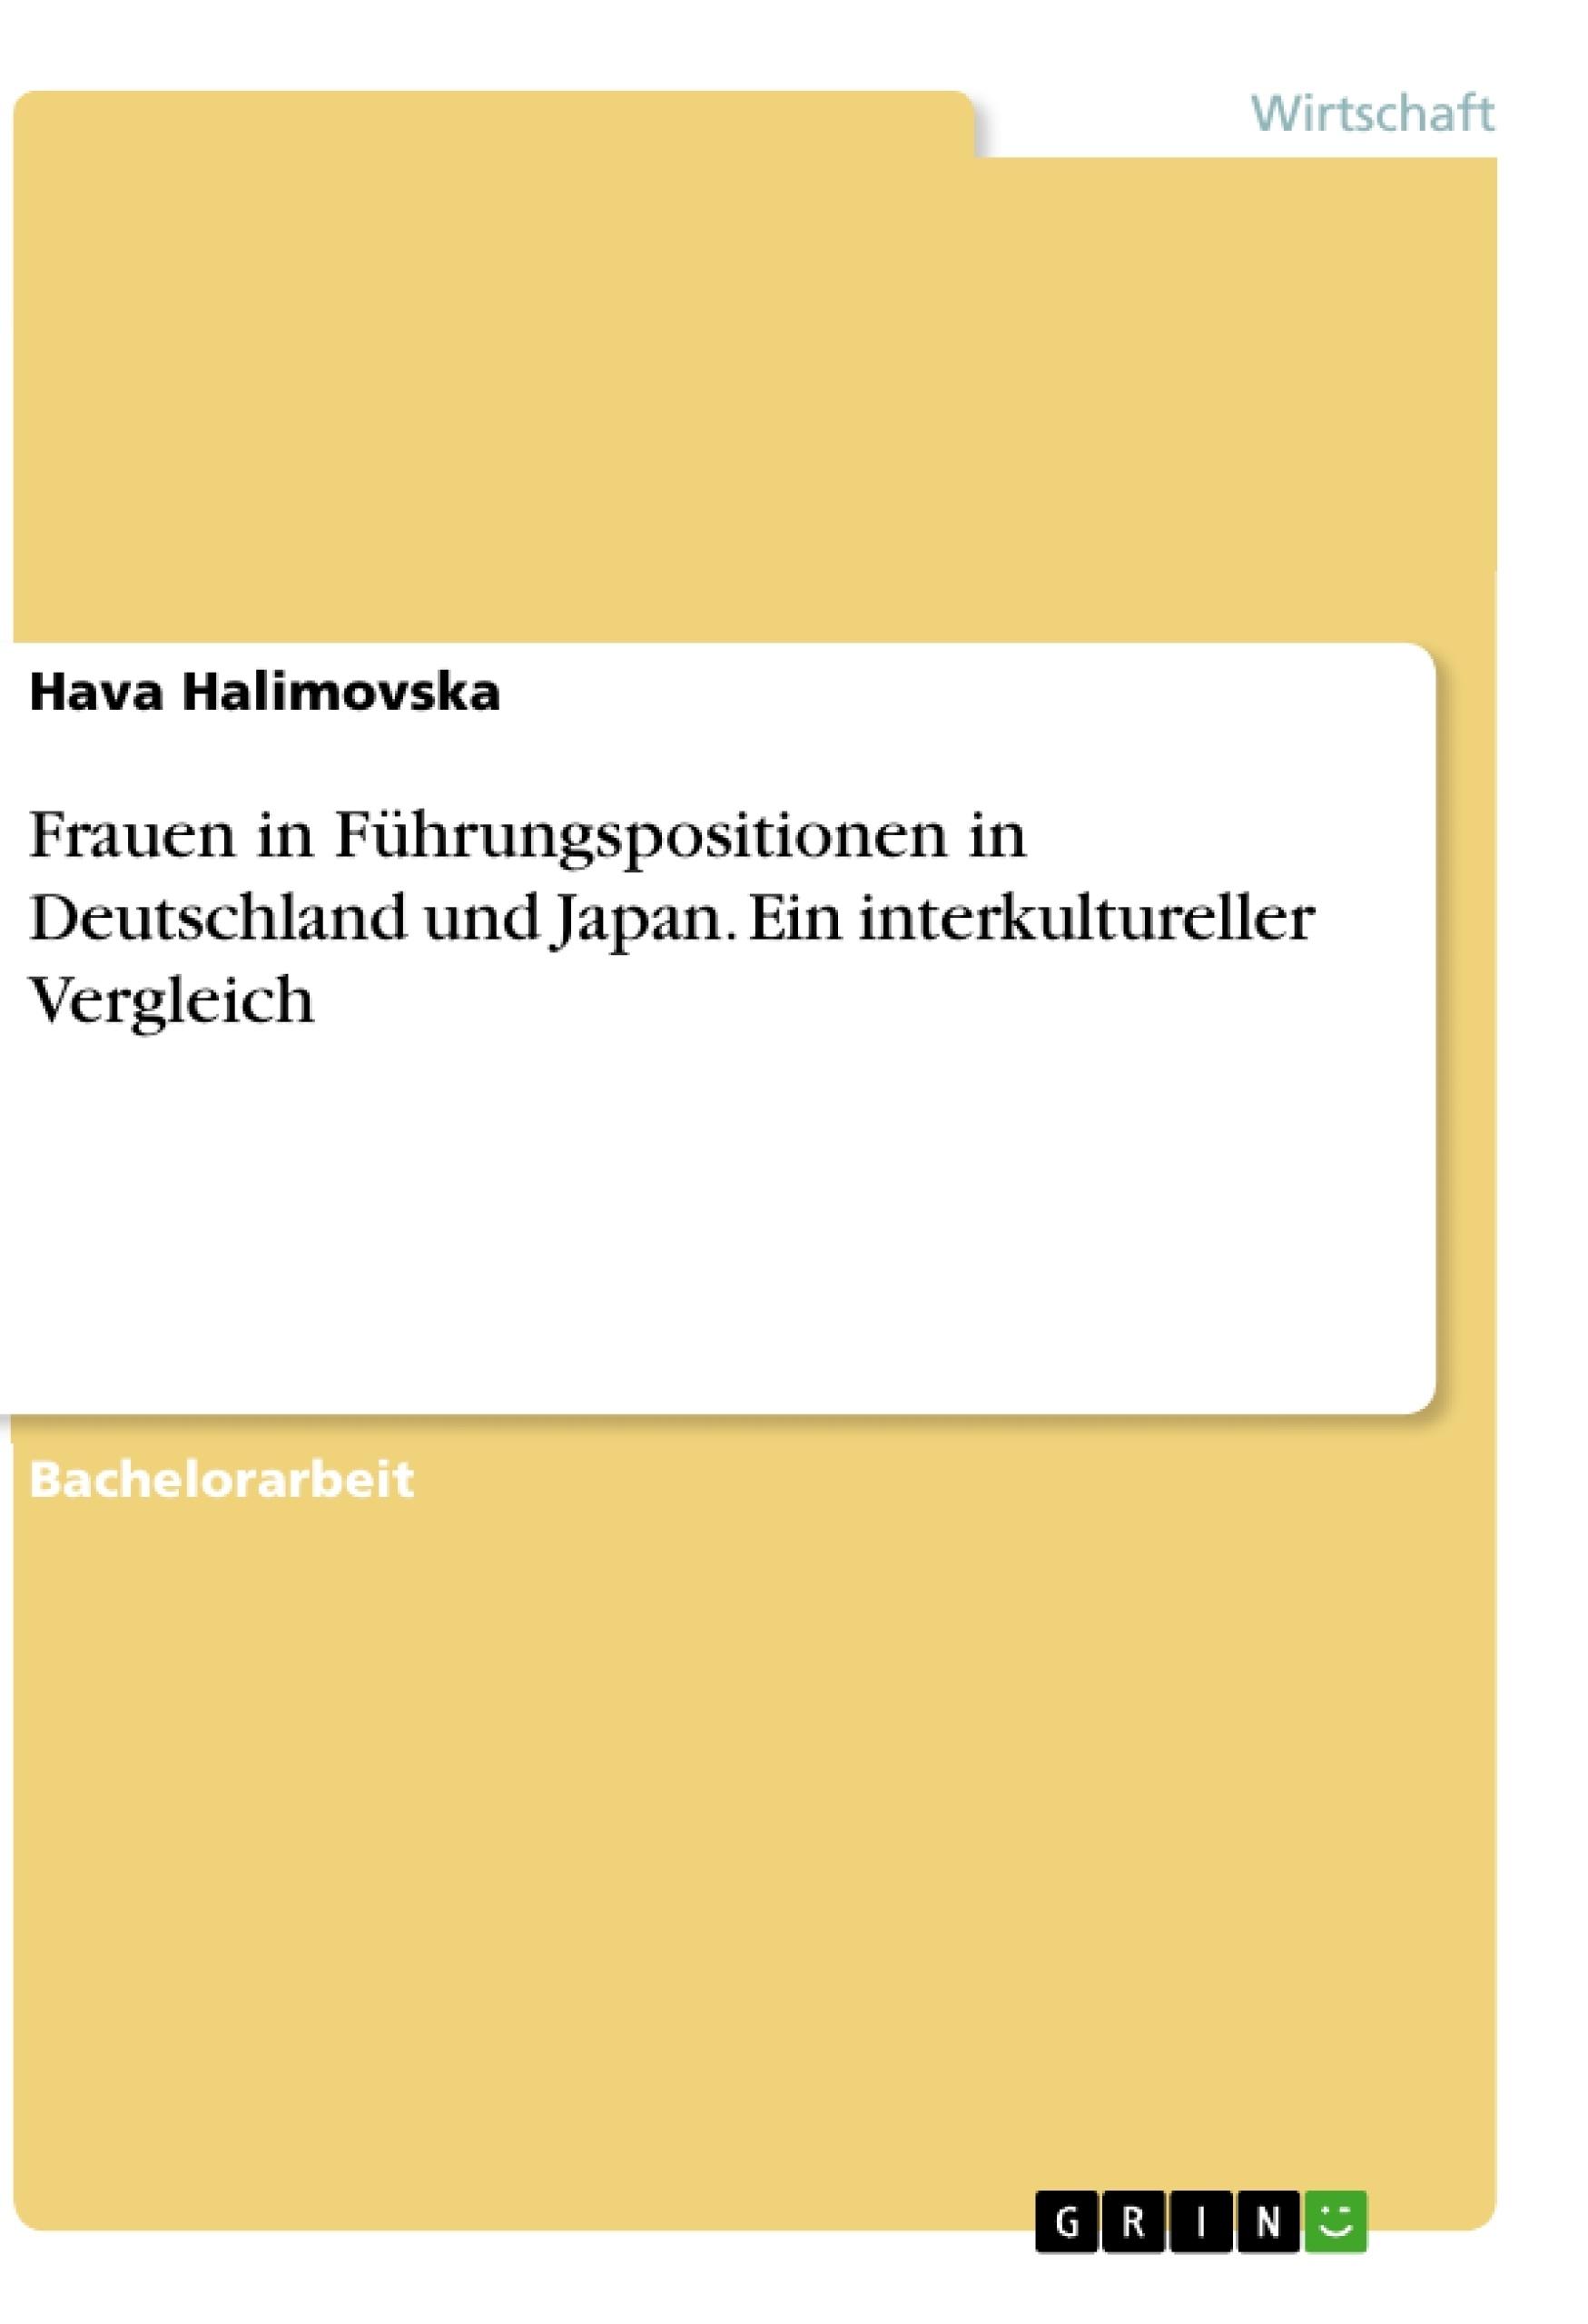 Titel: Frauen in Führungspositionen in Deutschland und Japan. Ein interkultureller Vergleich